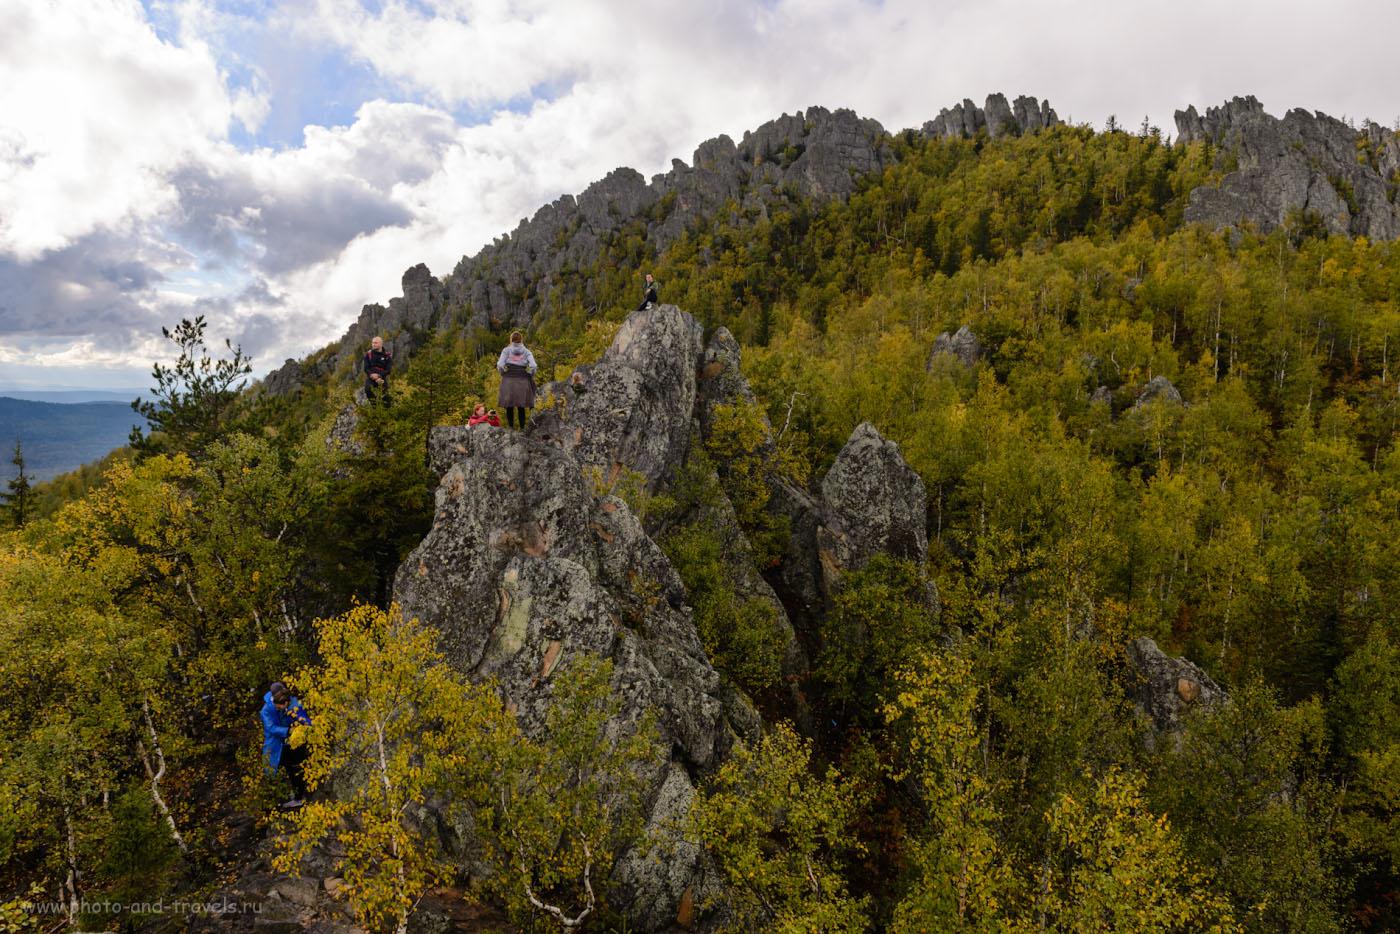 Фото 5. Туристы на вершине Двуглавой сопки. Отчет об однодневном походе по «Таганаю». 1/200, -2.0, 8.0, 100, 24.